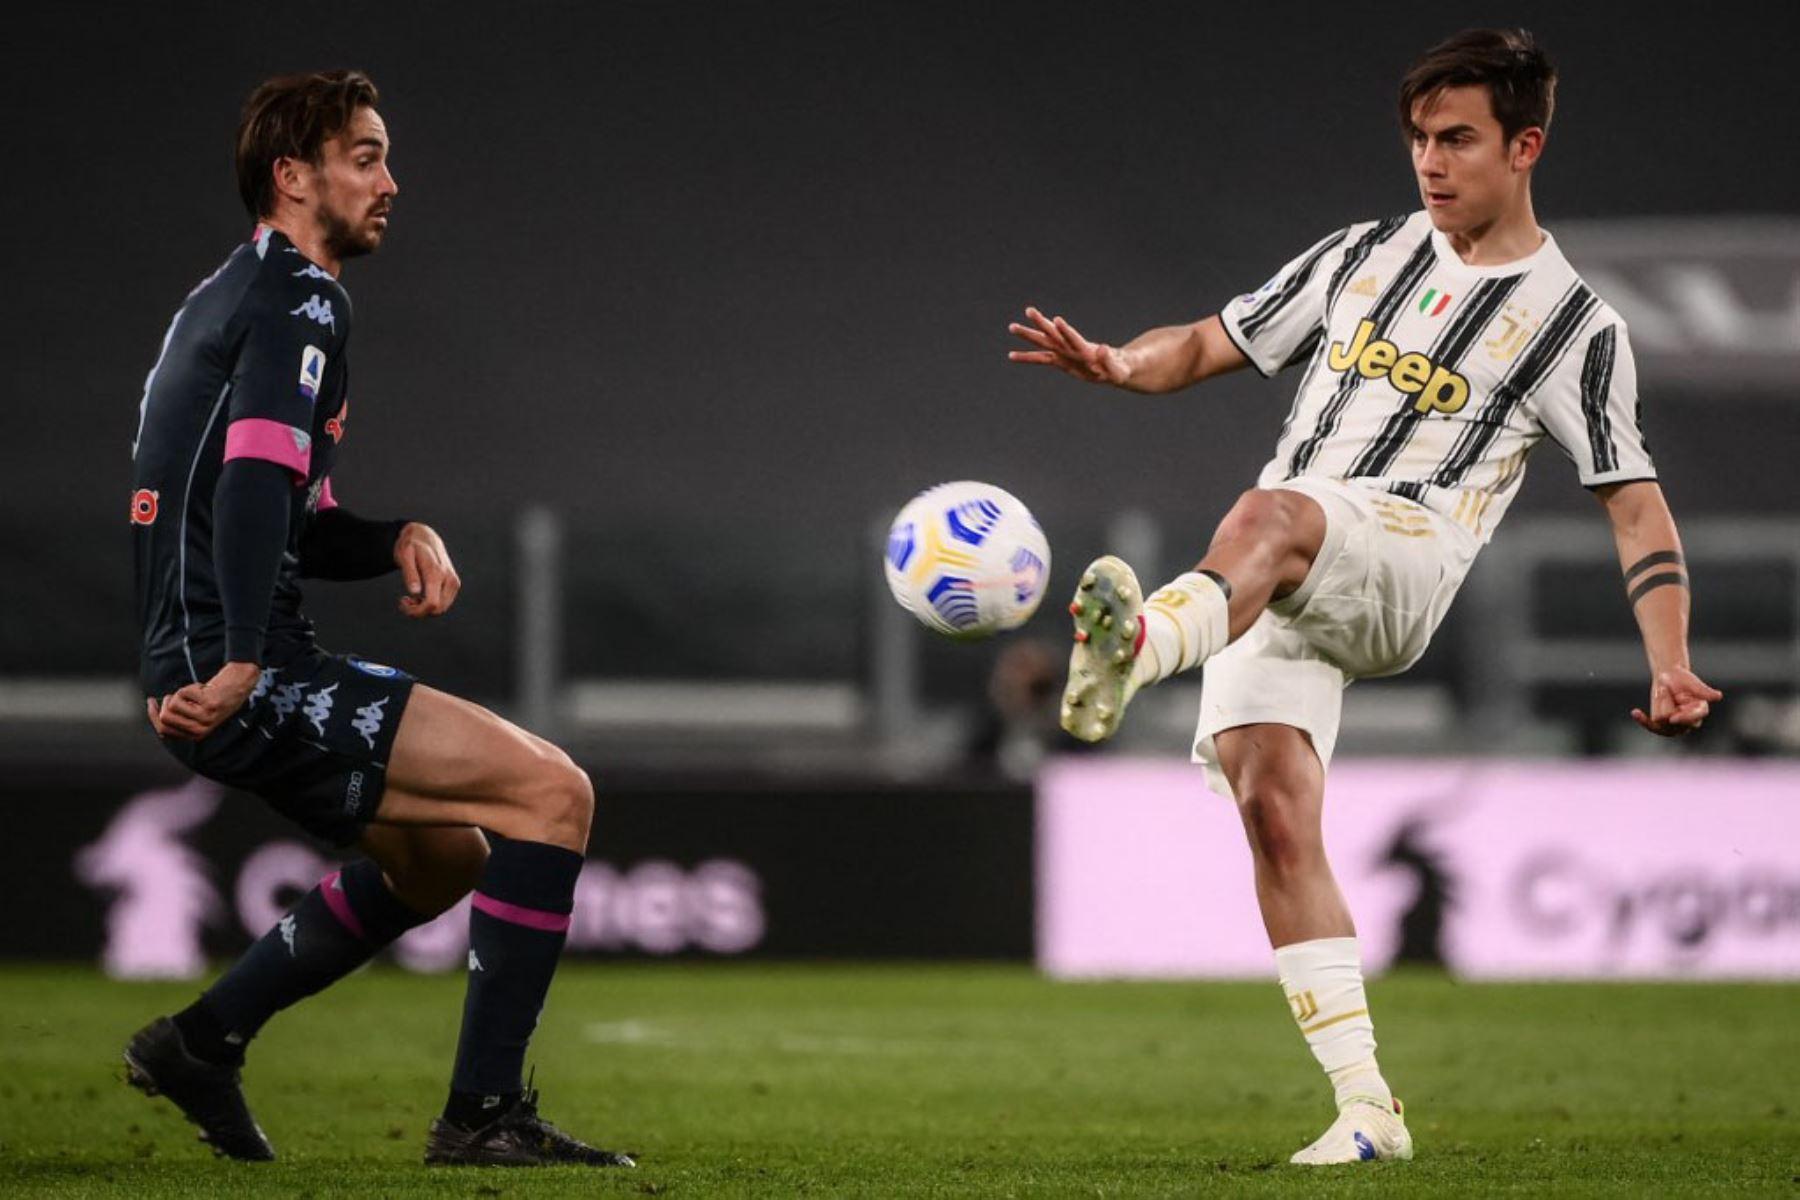 El delantero argentino de la Juventus Paulo Dybala patea el balón más allá del mediocampista español del Nápoles, Fabián Ruiz (L) durante el partido de fútbol de la Serie A italiana Juventus vs Napoli.  Foto:AFP